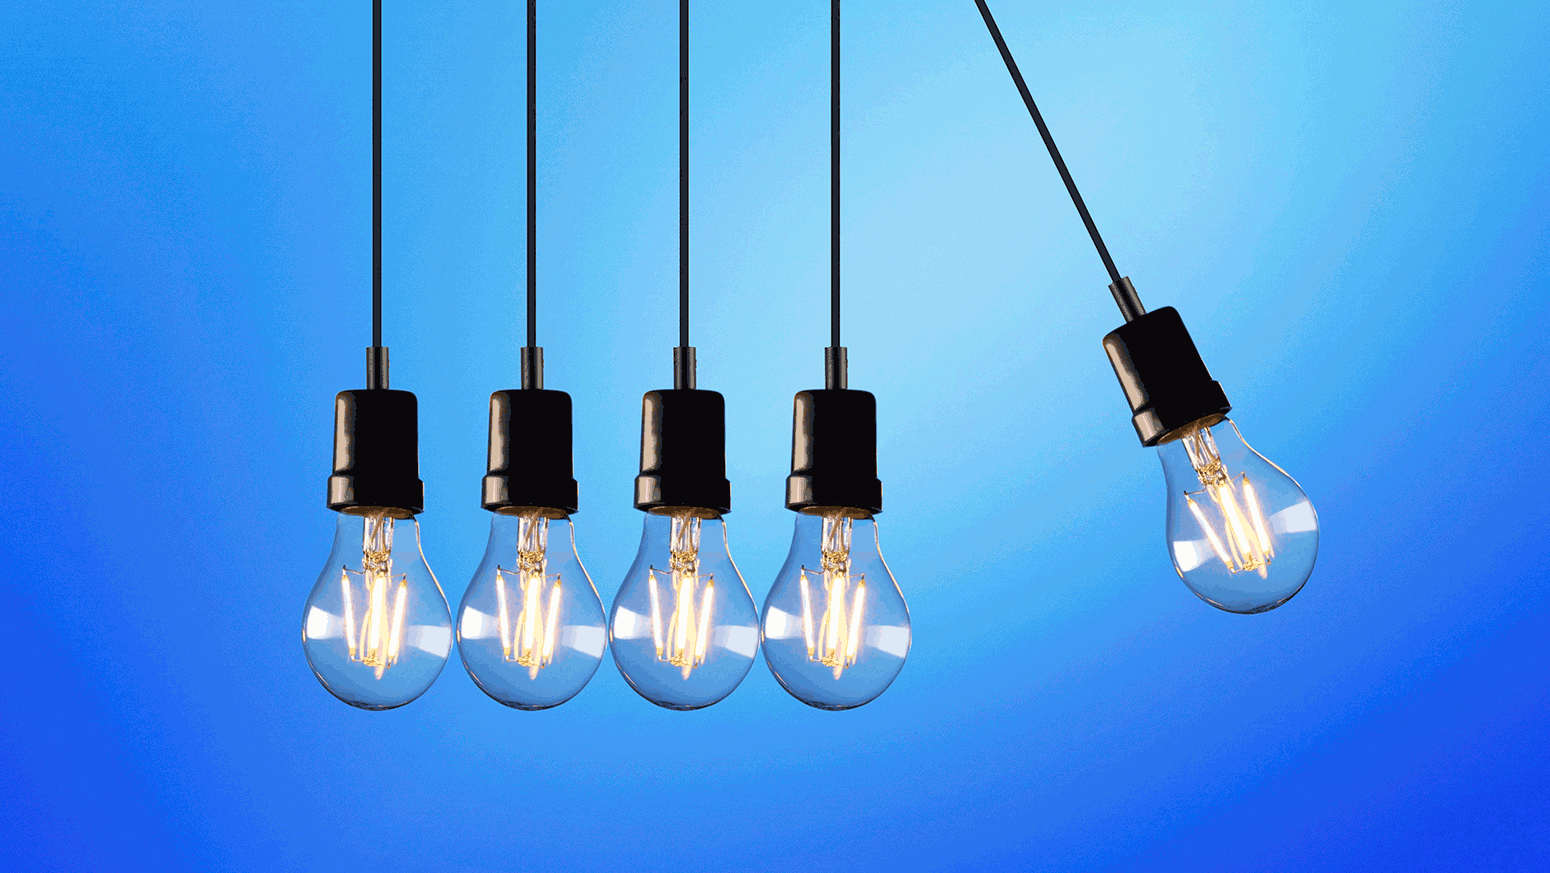 Desde la factura hasta las ventanas: cómo pagar menos luz y cuidar el planeta